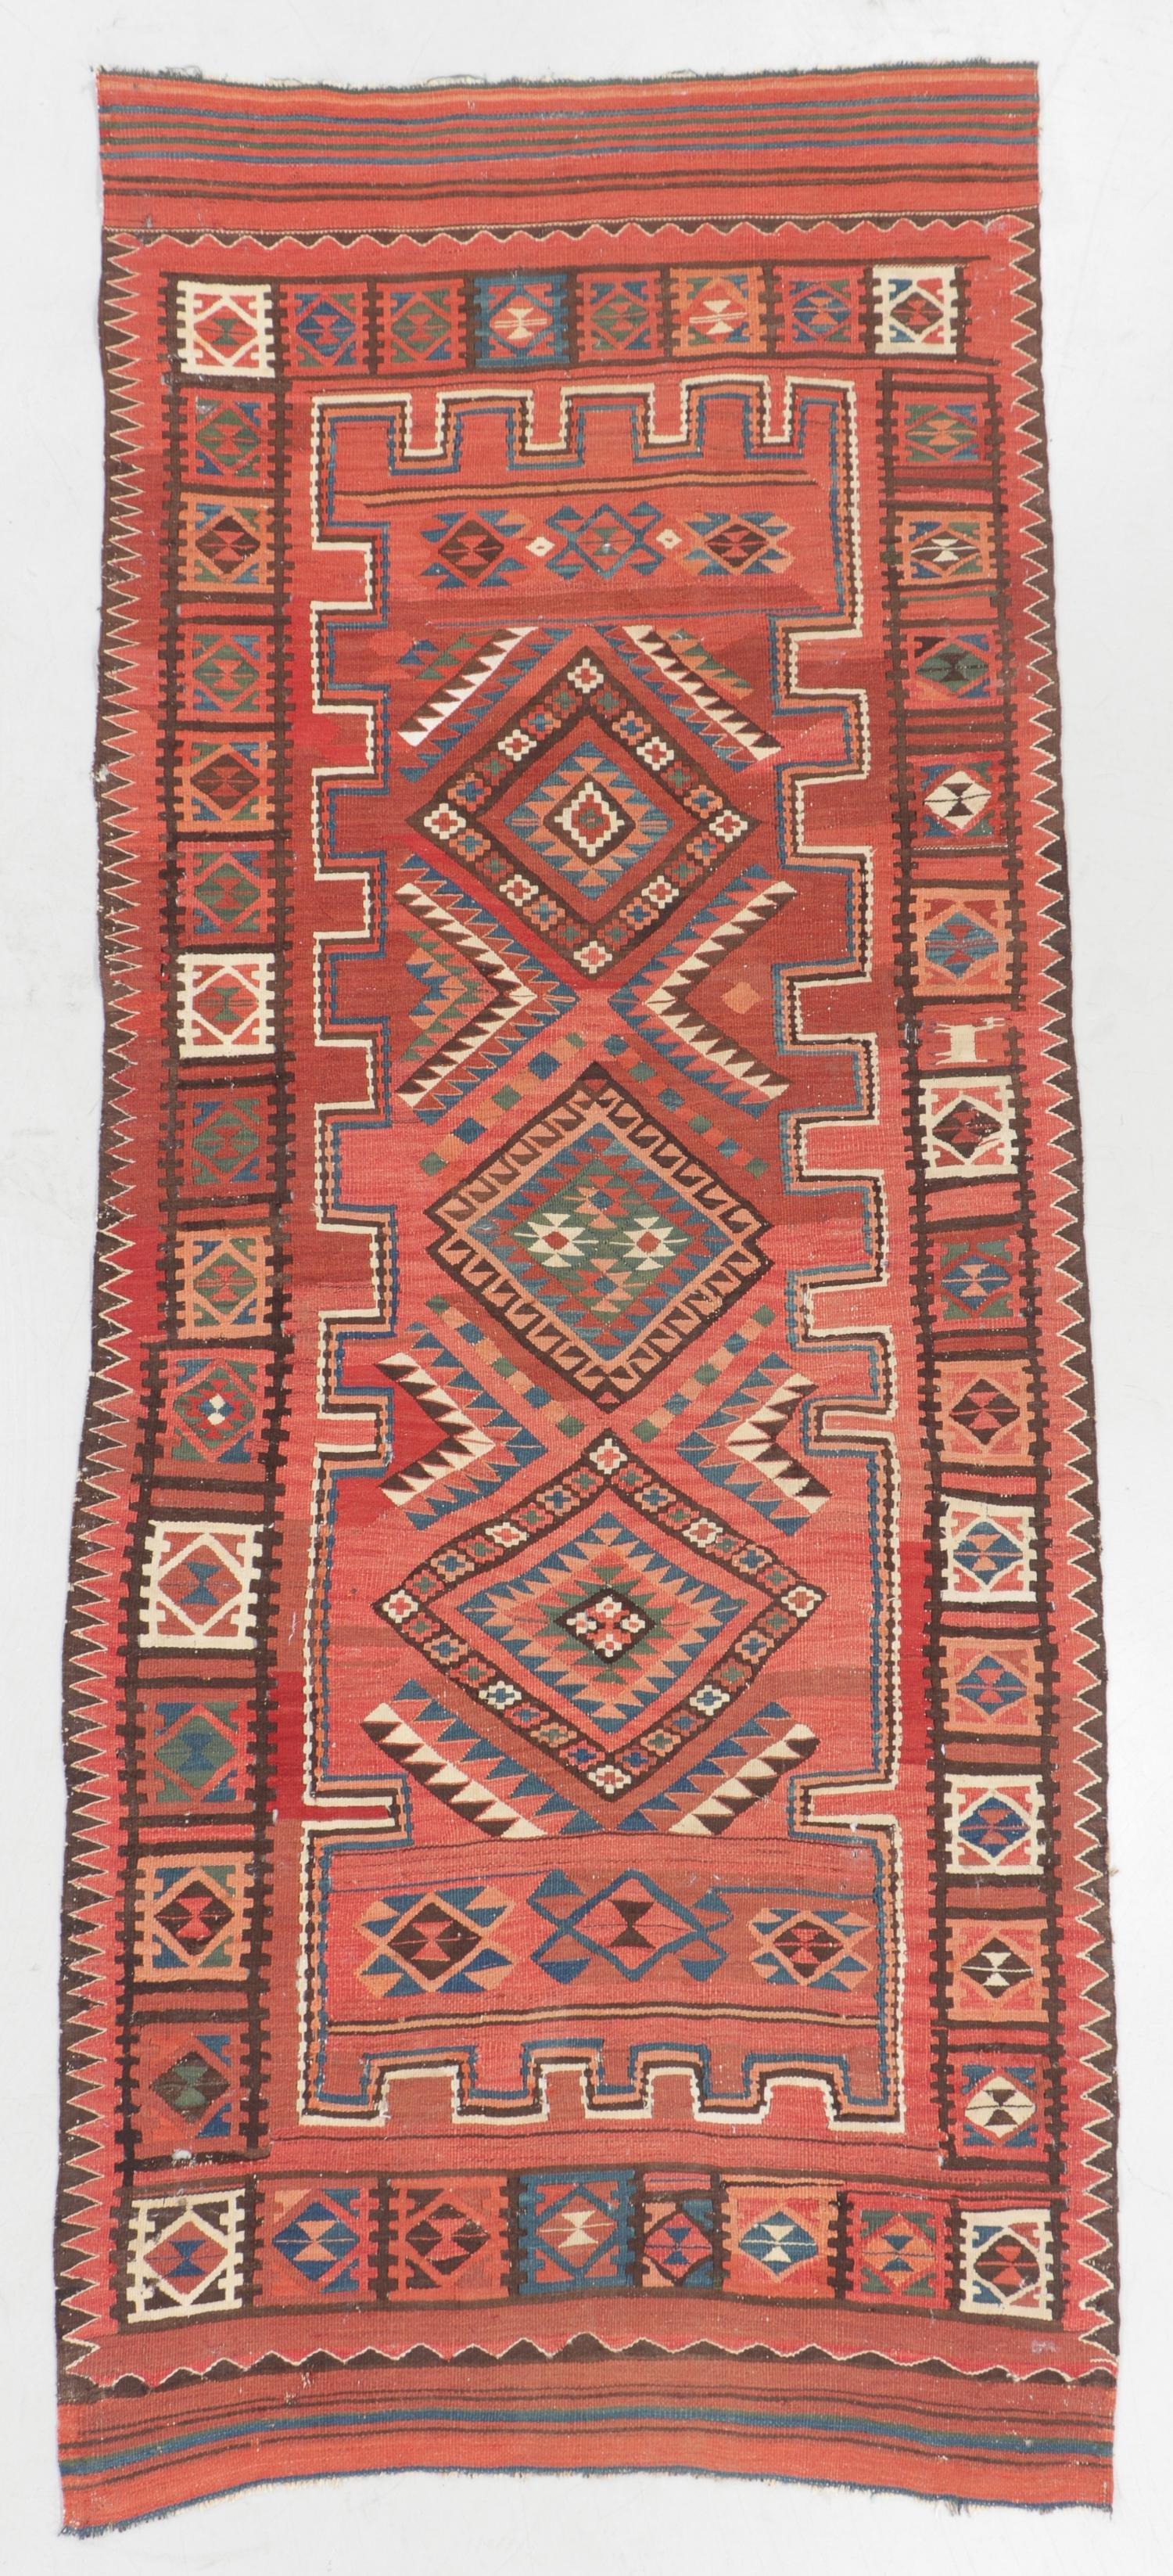 Antique Central Asian Kilim: 4'9'' x 11'2''